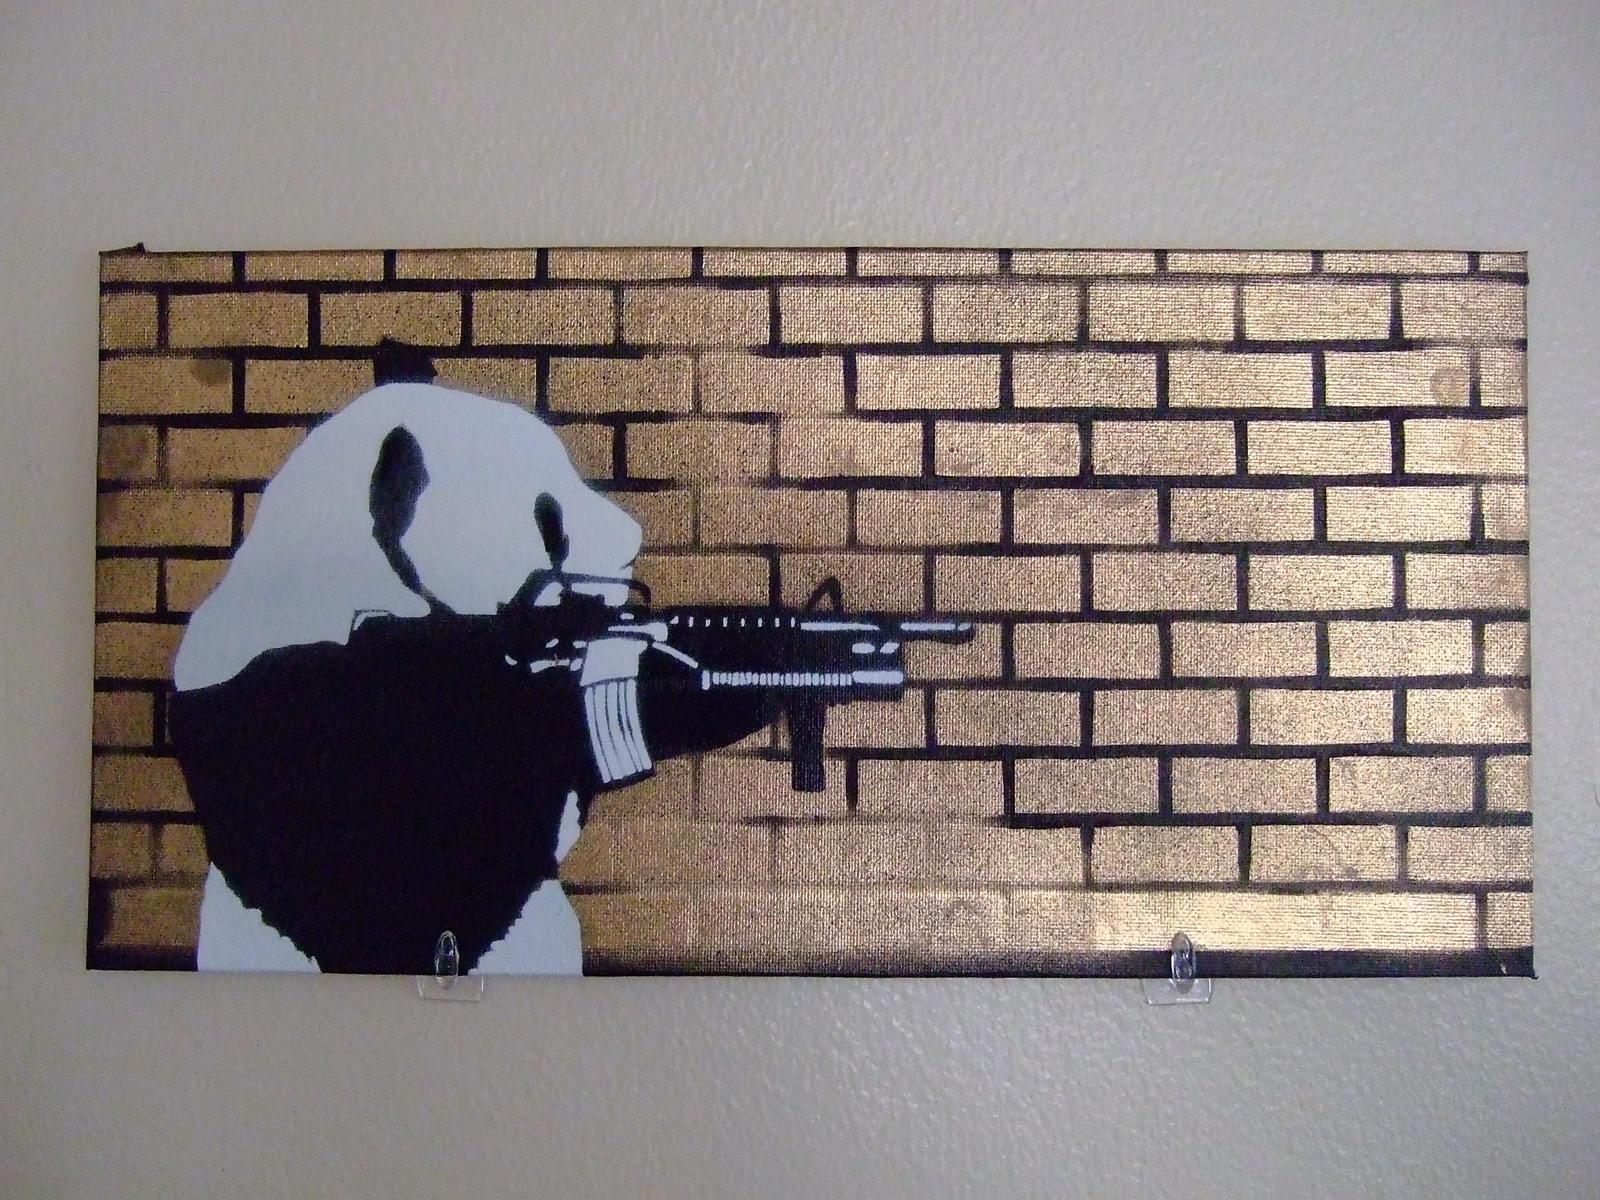 Angry Panda 2